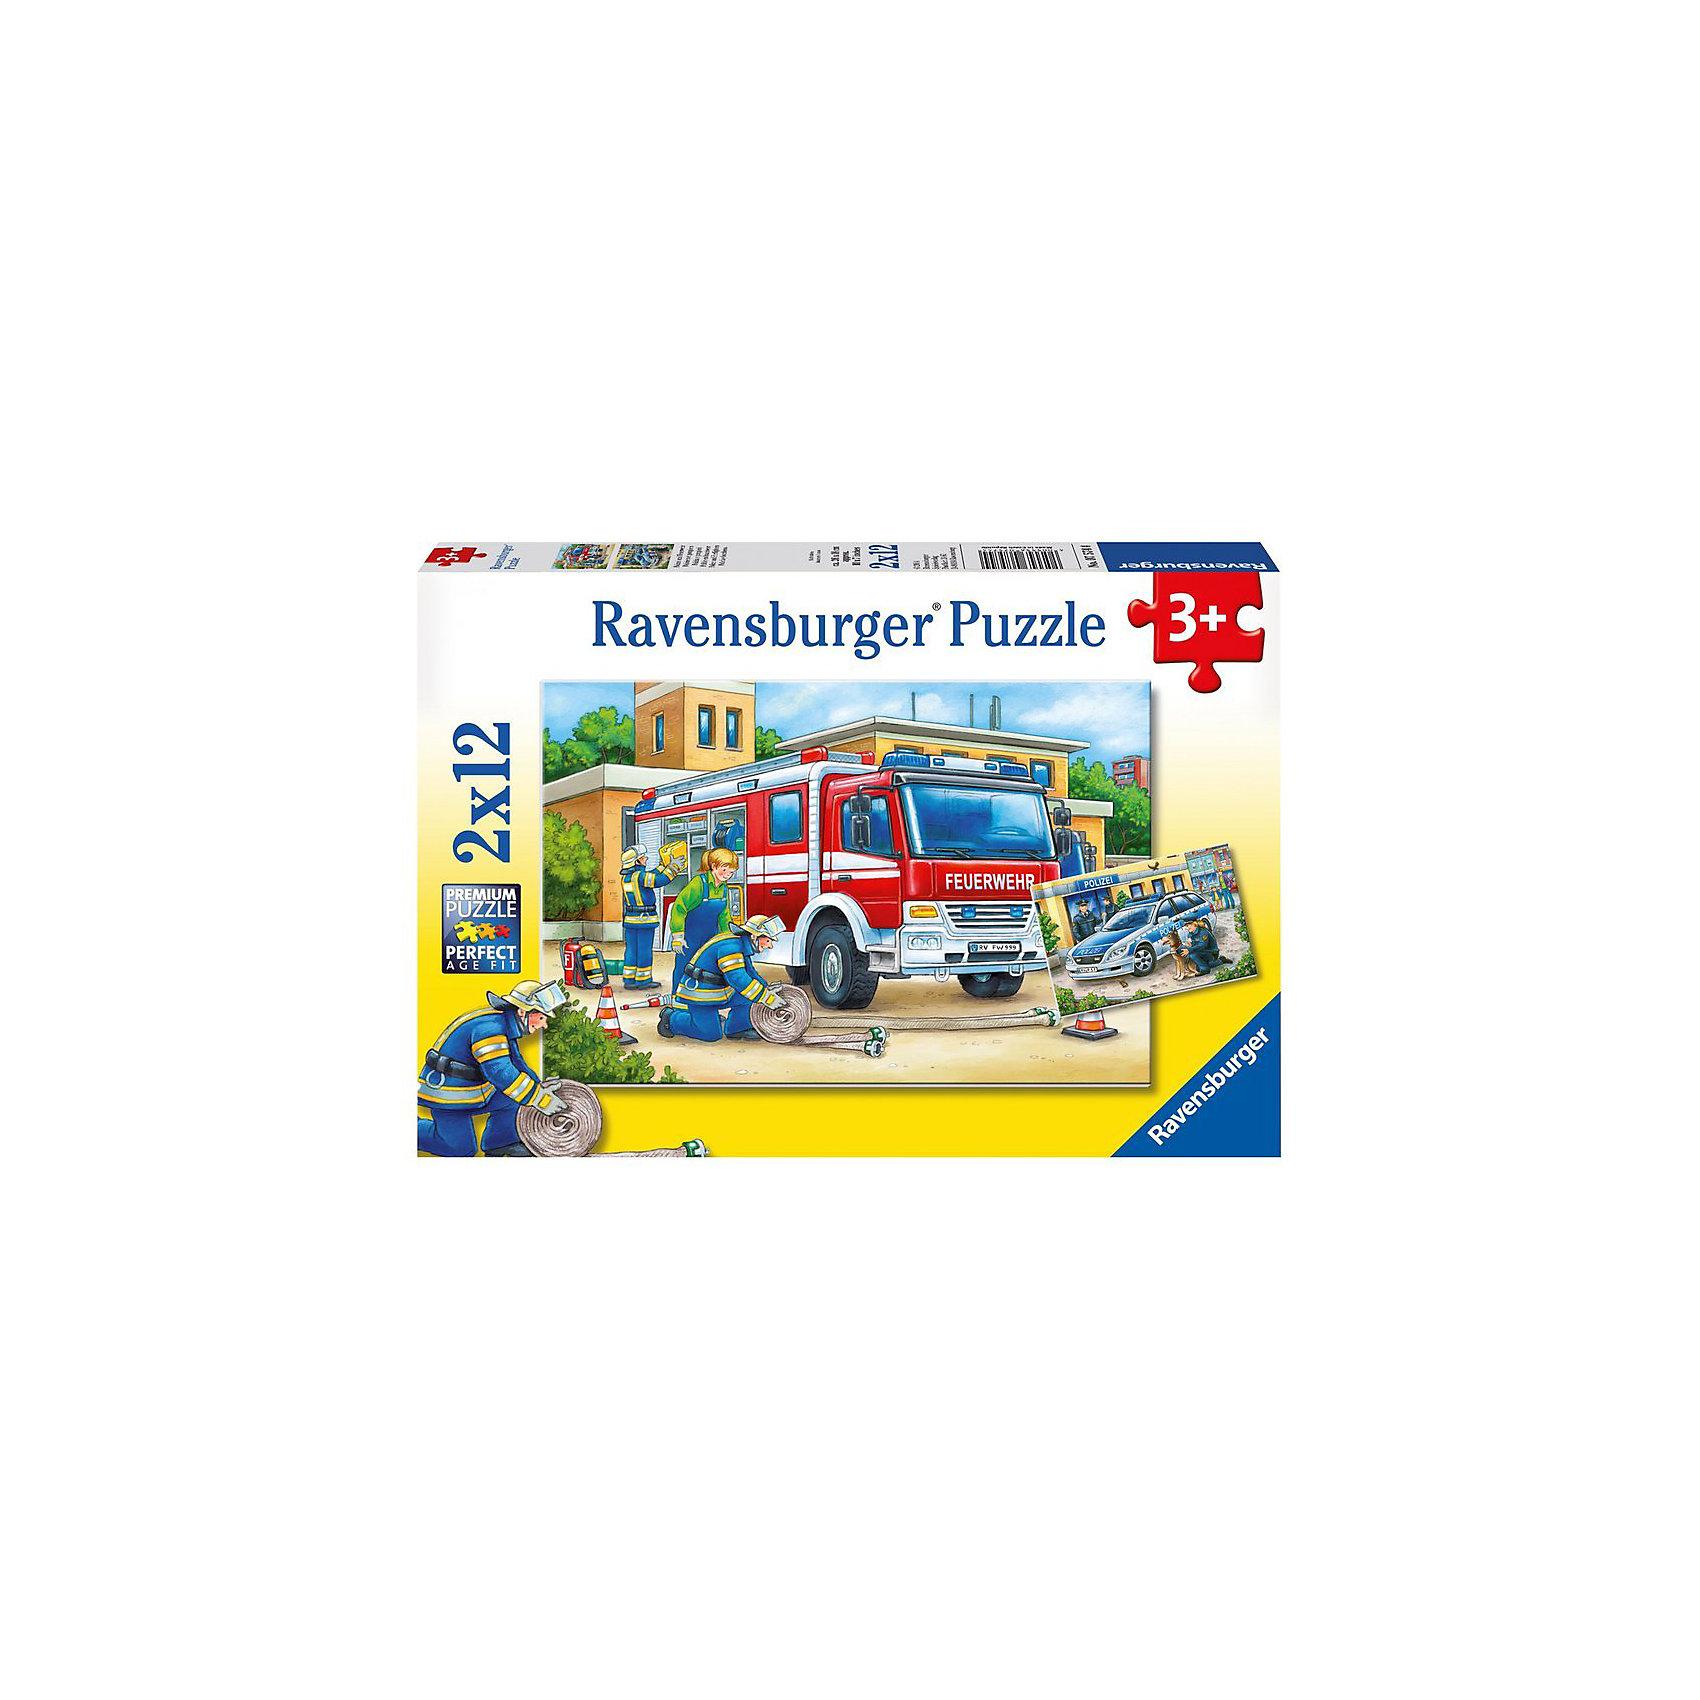 Пазл «Полицейские и пожарные», 2х12 деталей, RavensburgerПазлы для малышей<br>Пазл «Полицейские и пожарные», 2х12 деталей, Ravensburger (Равенсбургер).<br><br>Характеристика:<br><br>• Материал: картон.<br>• Размер упаковки: 19х28х4 см. <br>• Размер готовой картинки: 19х26 см. <br>• Количество деталей: 24 (2 пазла по 12 деталей).<br><br>В этом наборе целых два пазла, собрав которые ты узнаешь, чем занимаются полицейские и пожарные. Яркая красочная картинка станет отличным украшением детской или же замечательным подарком, сделанным своими руками. Собирание пазлов - увлекательное и полезное занятие, развивающее моторику рук, внимание, усидчивость и образное мышление. <br><br>Пазл «Полицейские и пожарные», 2х12 деталей, Ravensburger (Равенсбургер) можно купить в нашем интернет-магазине.<br><br>Ширина мм: 279<br>Глубина мм: 193<br>Высота мм: 38<br>Вес г: 280<br>Возраст от месяцев: 36<br>Возраст до месяцев: 60<br>Пол: Мужской<br>Возраст: Детский<br>Количество деталей: 12<br>SKU: 3651508